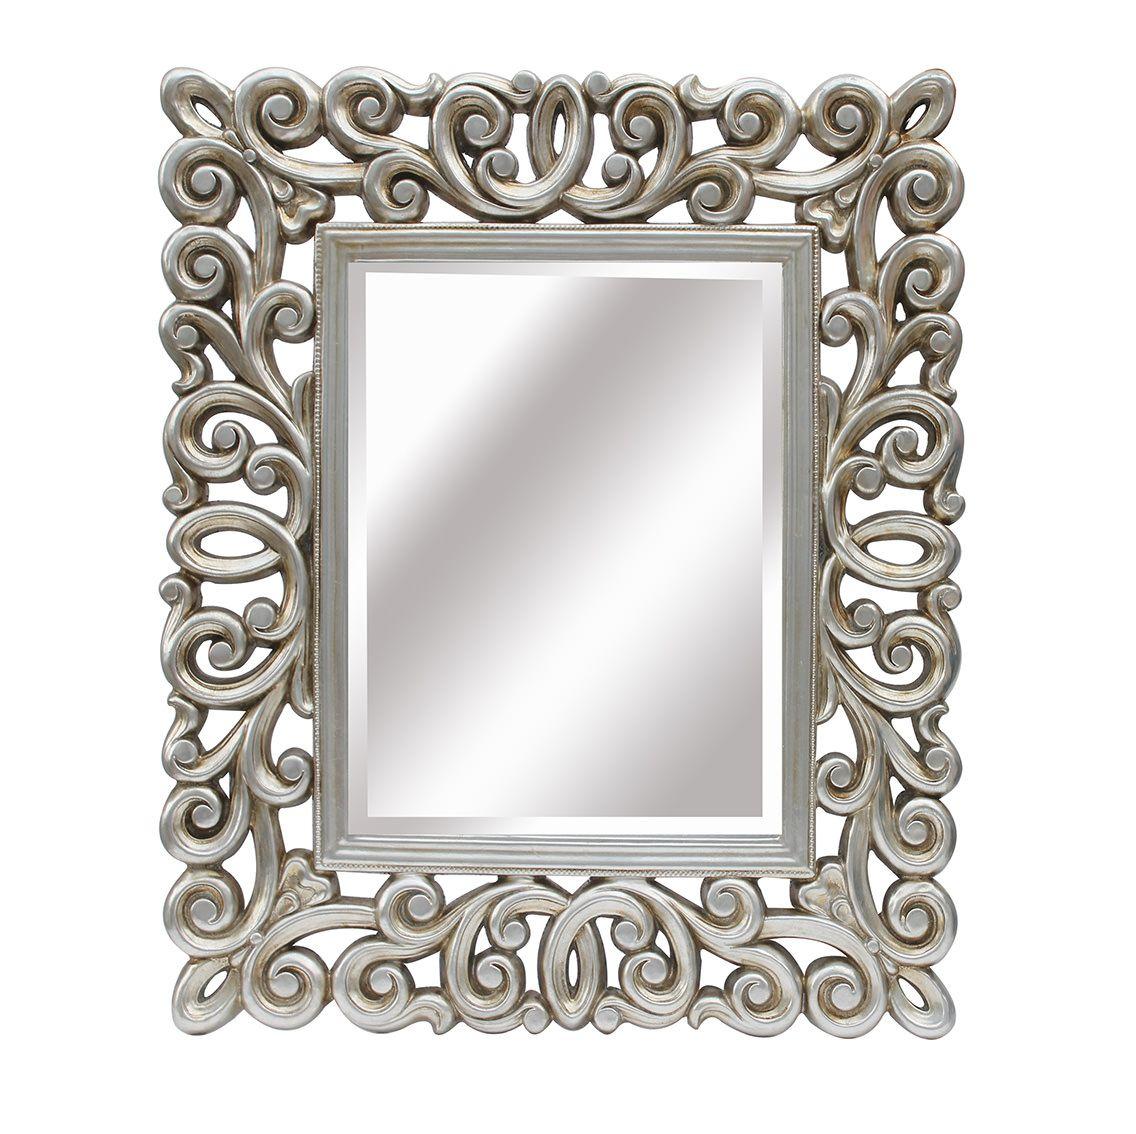 Espejo con marco de resina cuadrado plata lleno de molduras - Espejos marco plateado ...